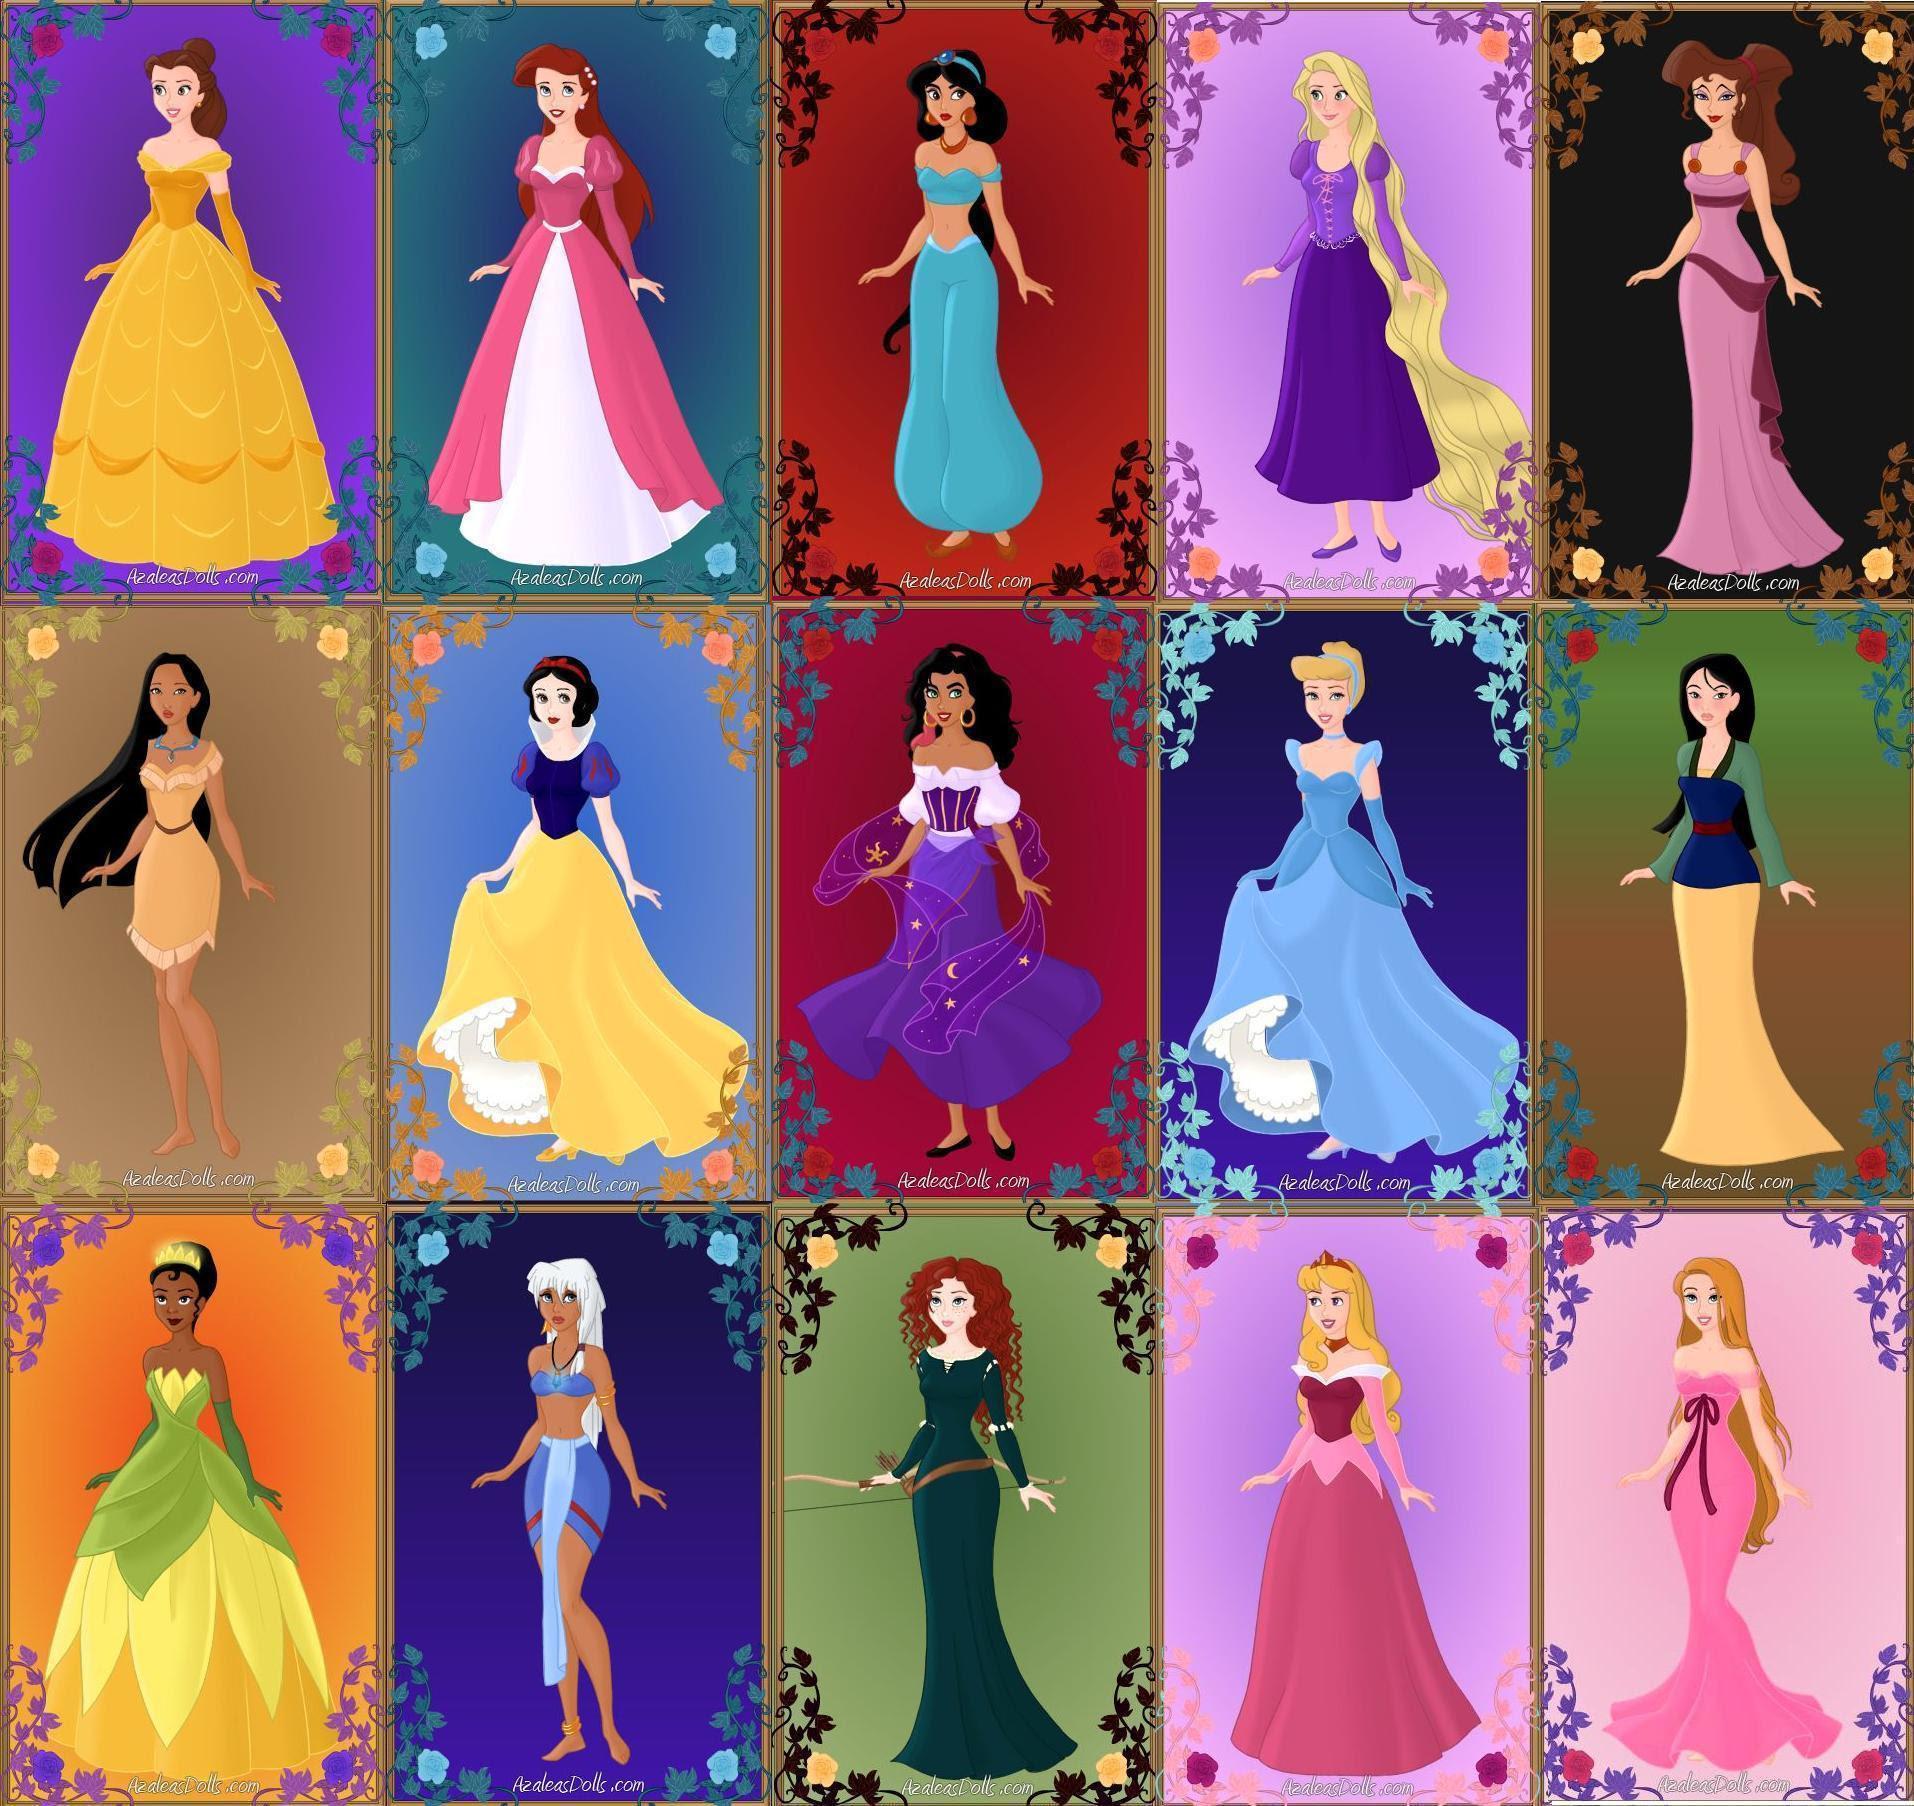 Princesses - Disney Princess Photo (36491310) - Fanpop